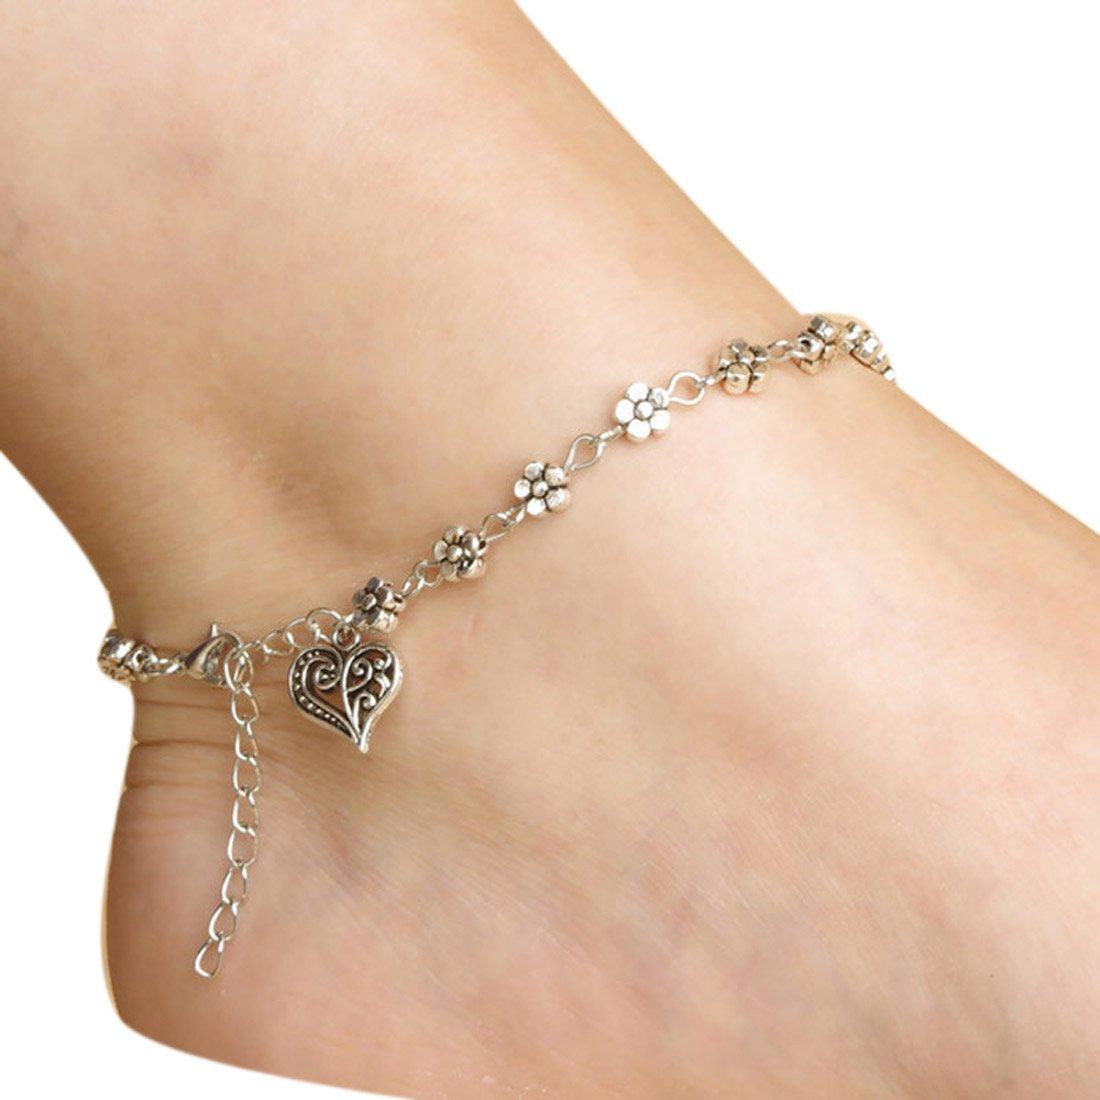 Fulltime(TM) Girls Hot Handmade Bead Chain Anklet Foot Leg Chain Bracelet Jewelry AVJ0QsvY